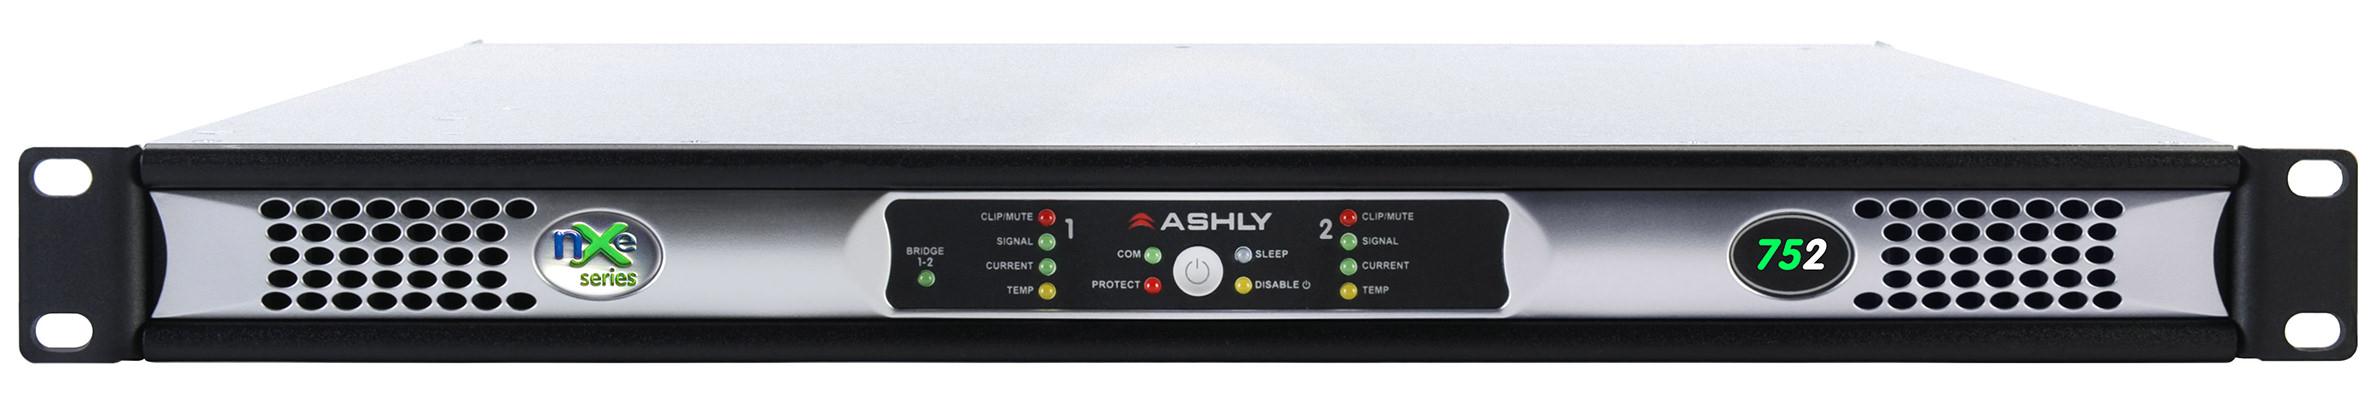 2 x 75 Watts @ 2 Ohms Network Power Amplifier